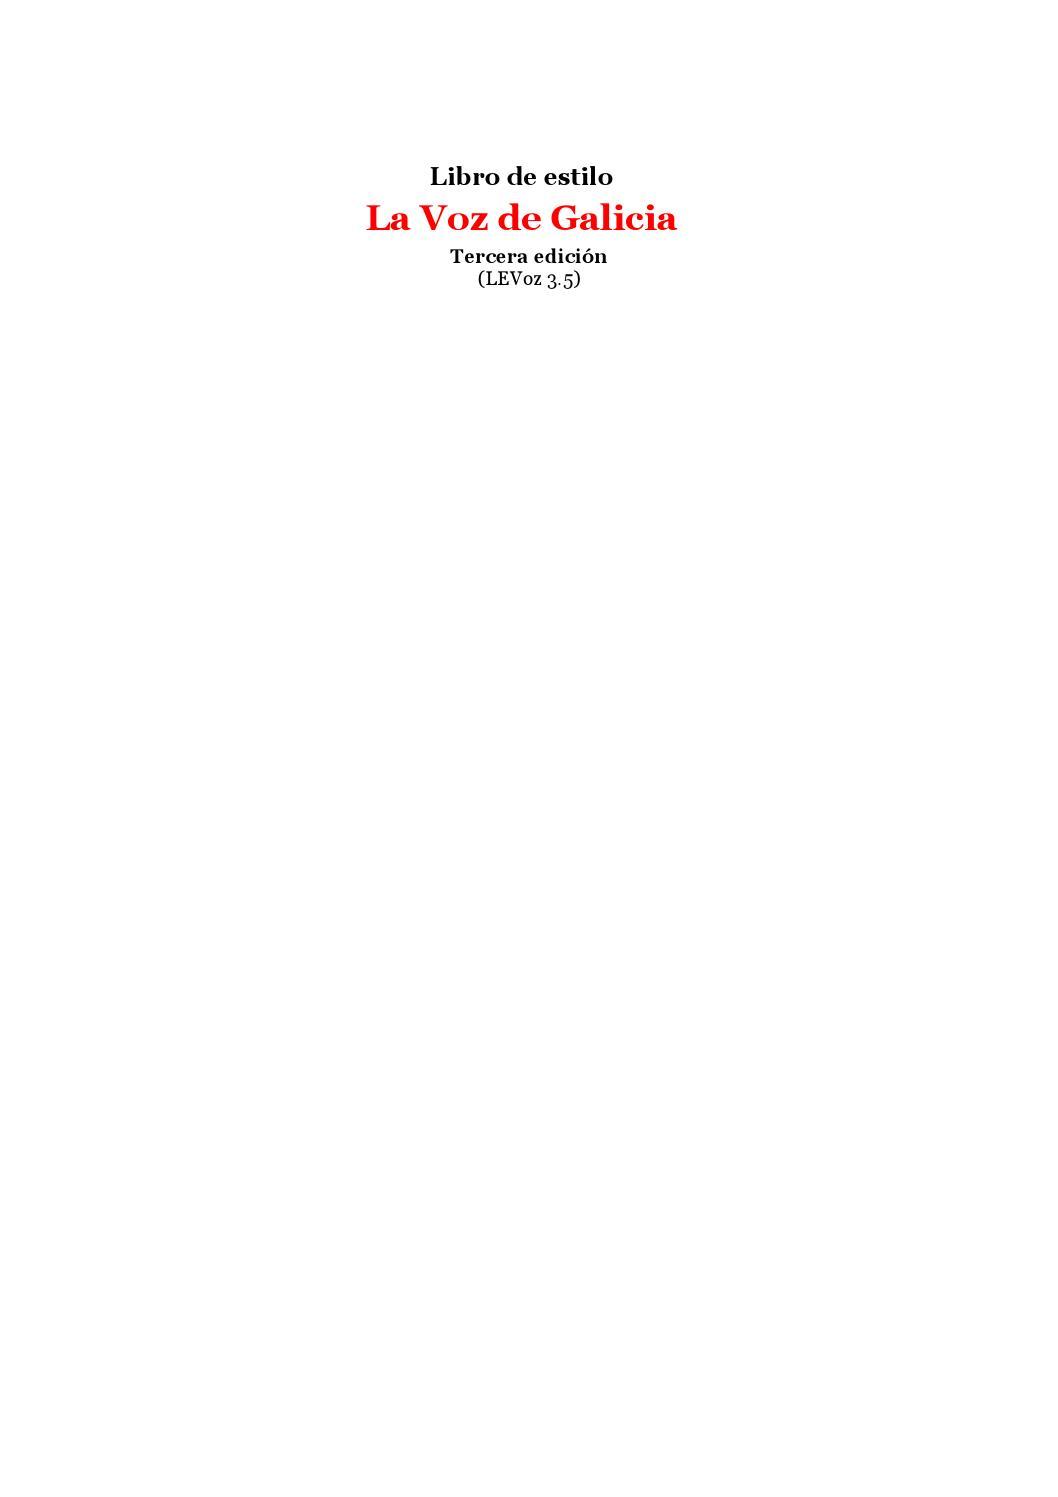 Libro de estilo la voz de galicia by hramosb - issuu